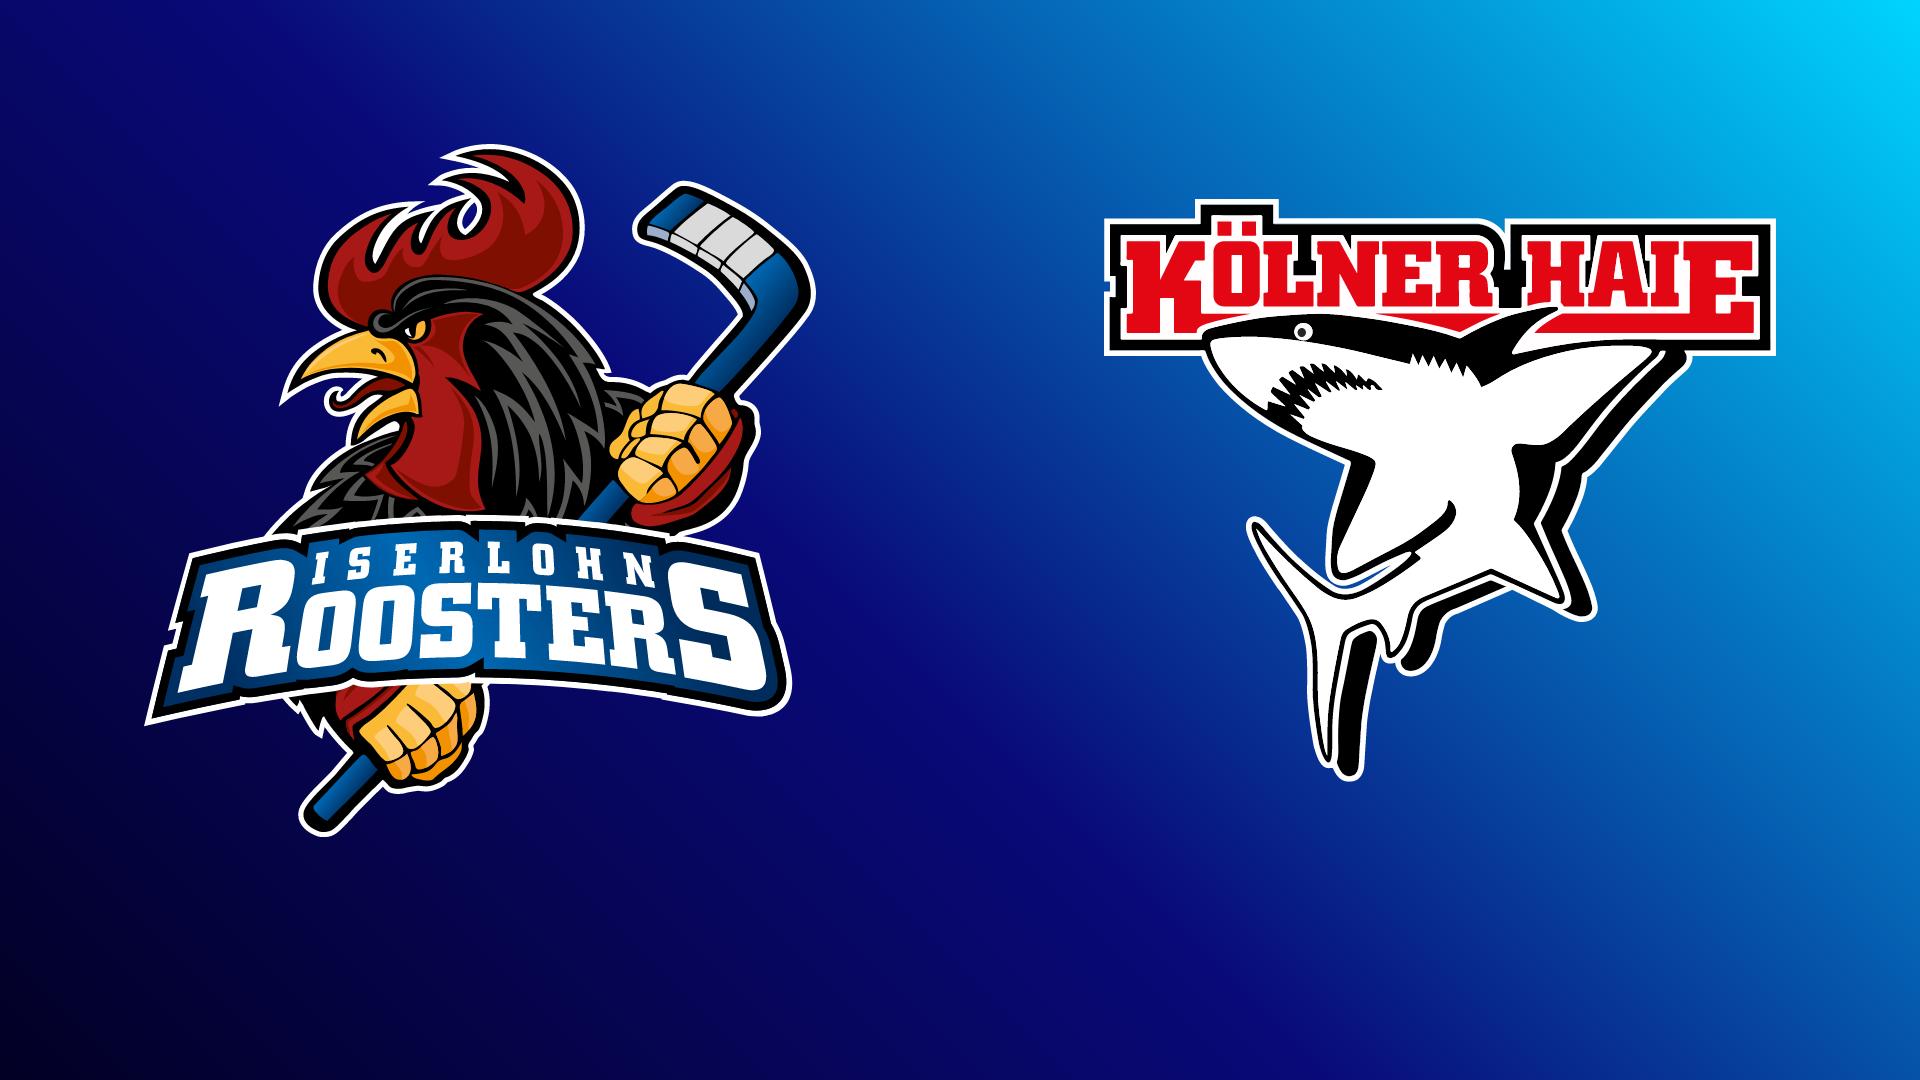 Iserlohn Roosters - Kölner Haie 26.09.2021 um 13:45 Uhr auf Magenta Sport